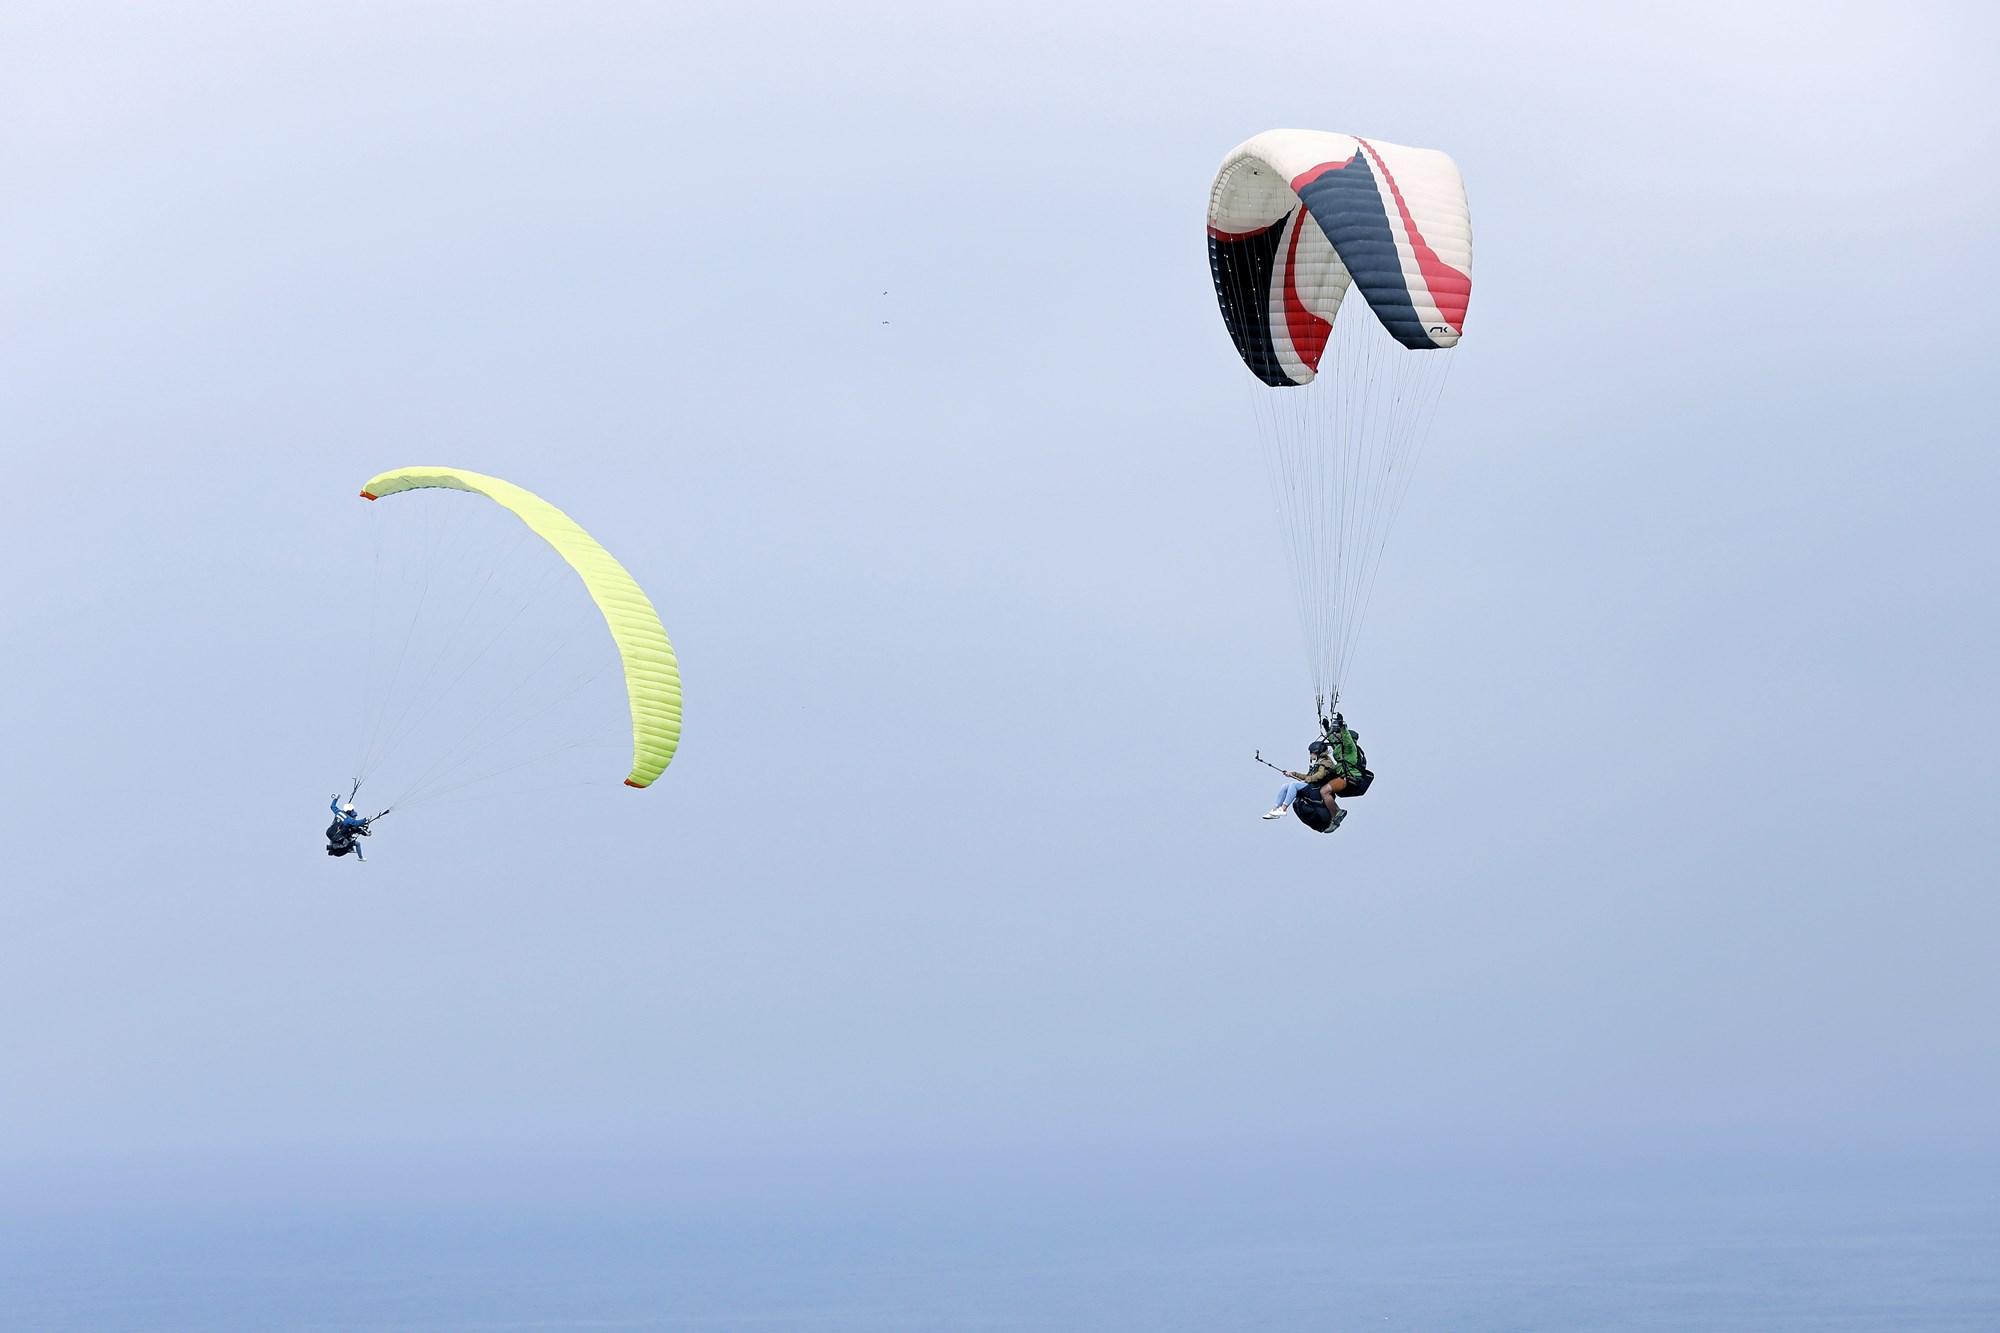 Los dos parapentes surcan el cielo al mismo tiempo.